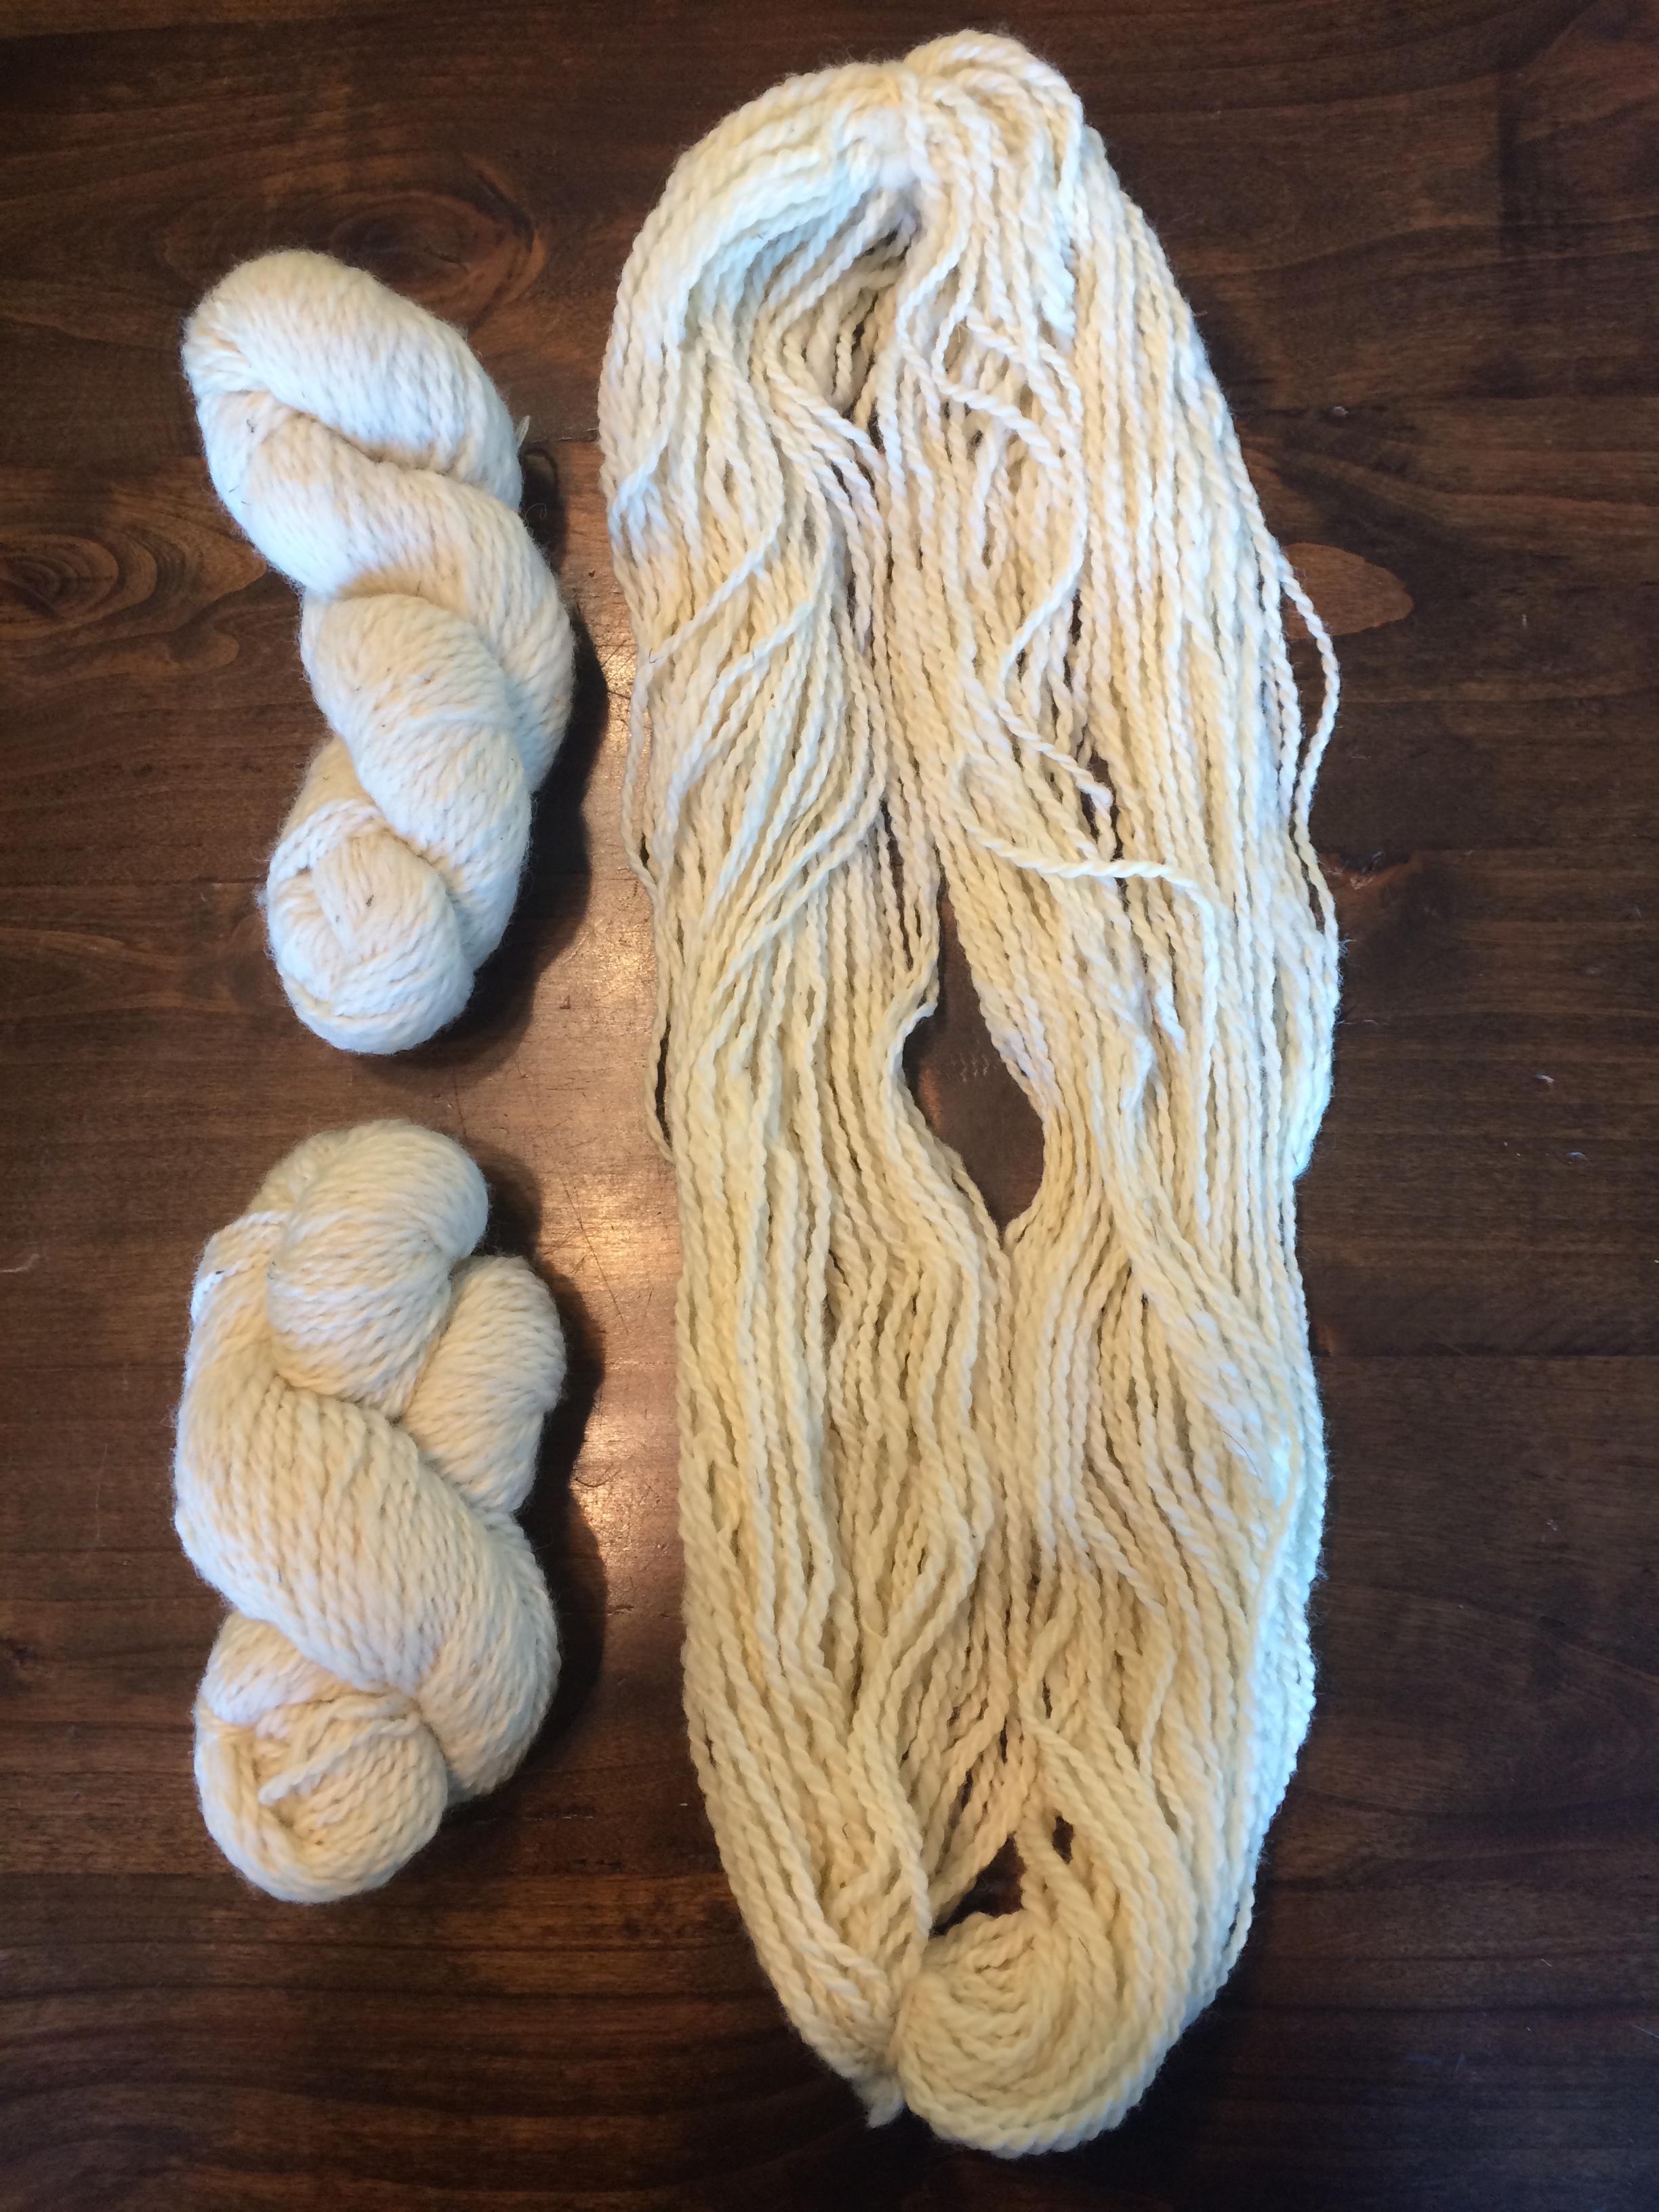 loose wool and skeins.JPG